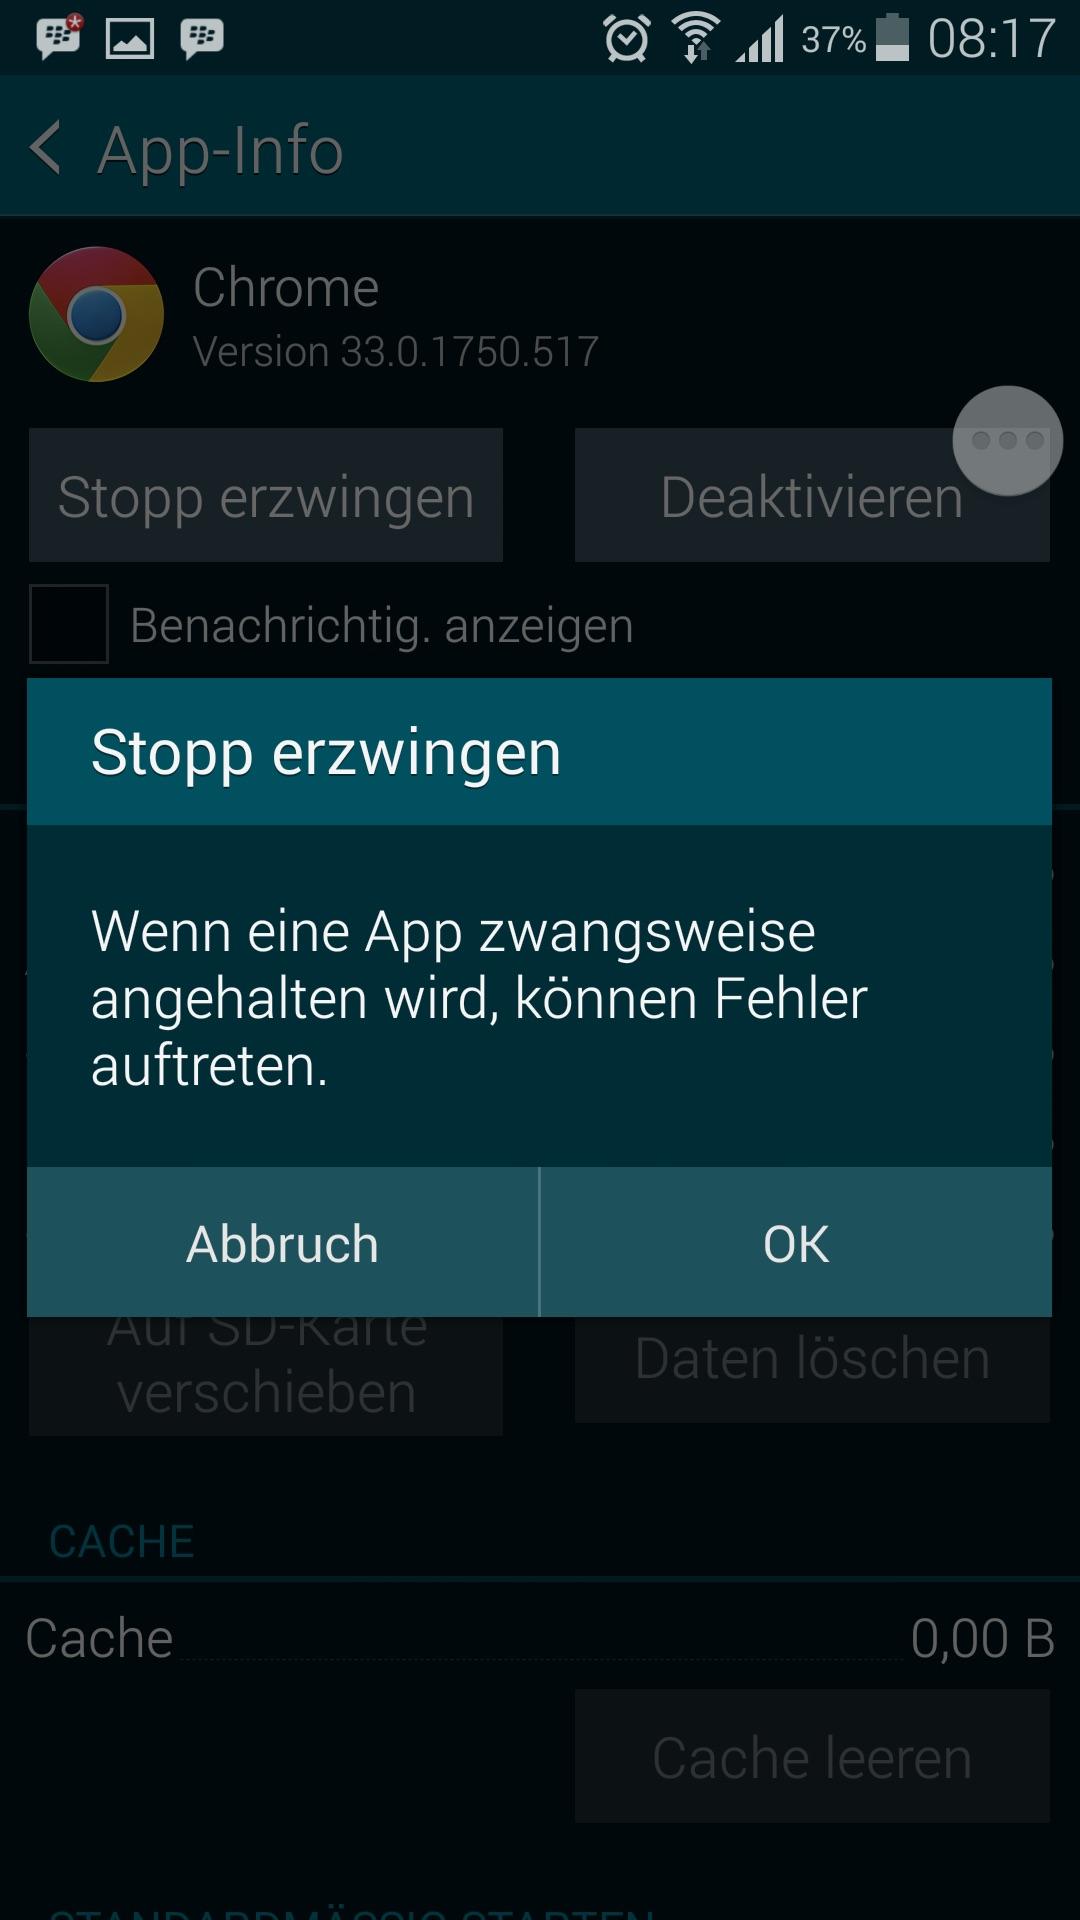 App Info - Stopp erzwingen - bestätigen